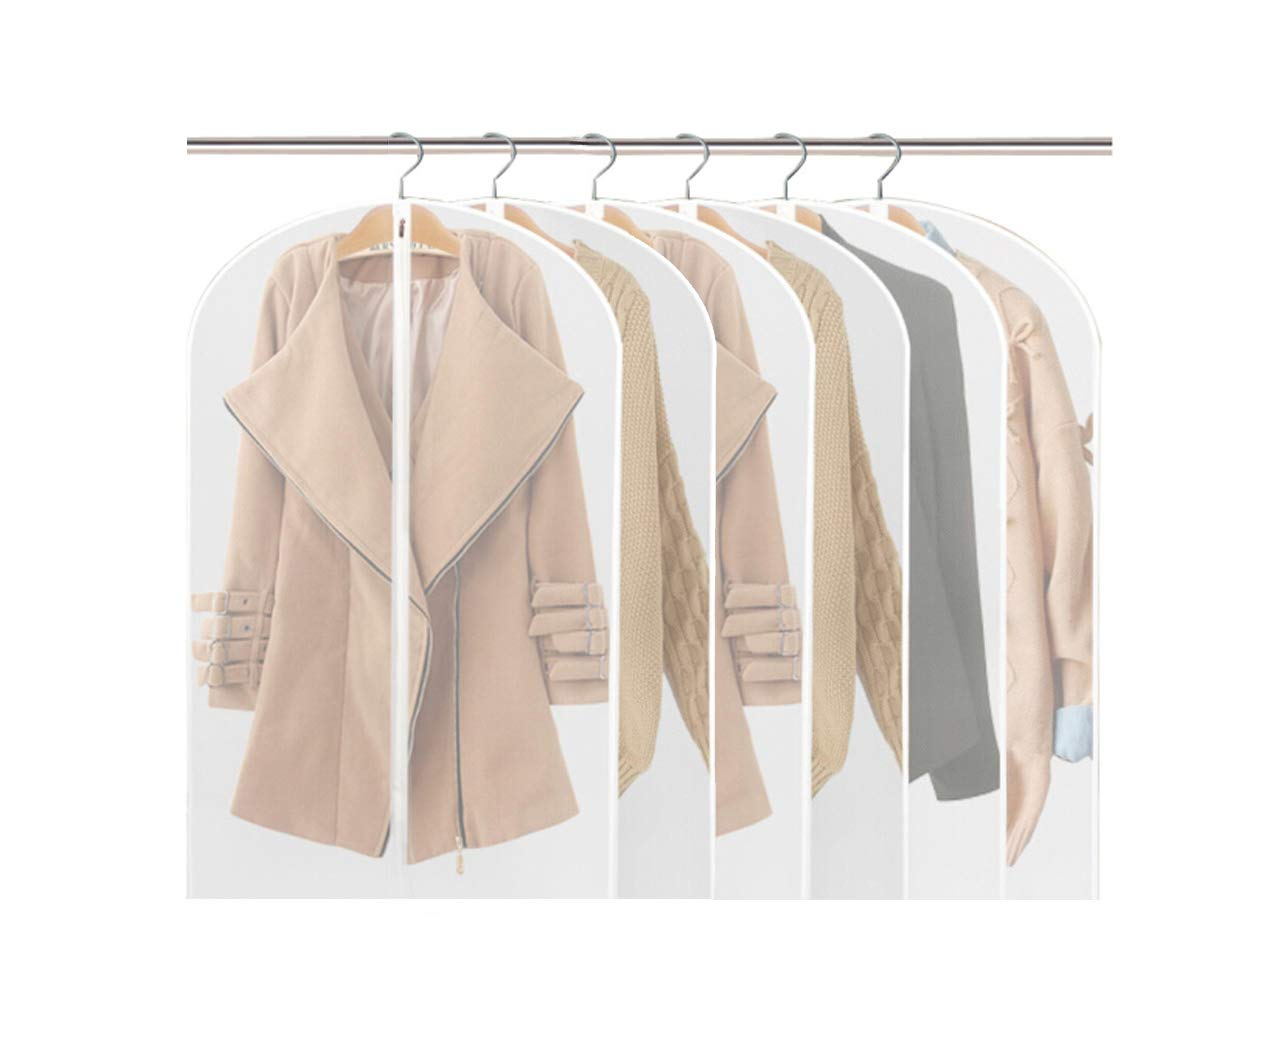 Fundas de ropa,Fundas Ropa PEVA Transparente Impermeable Anti-polvo a Prueba de Humedad